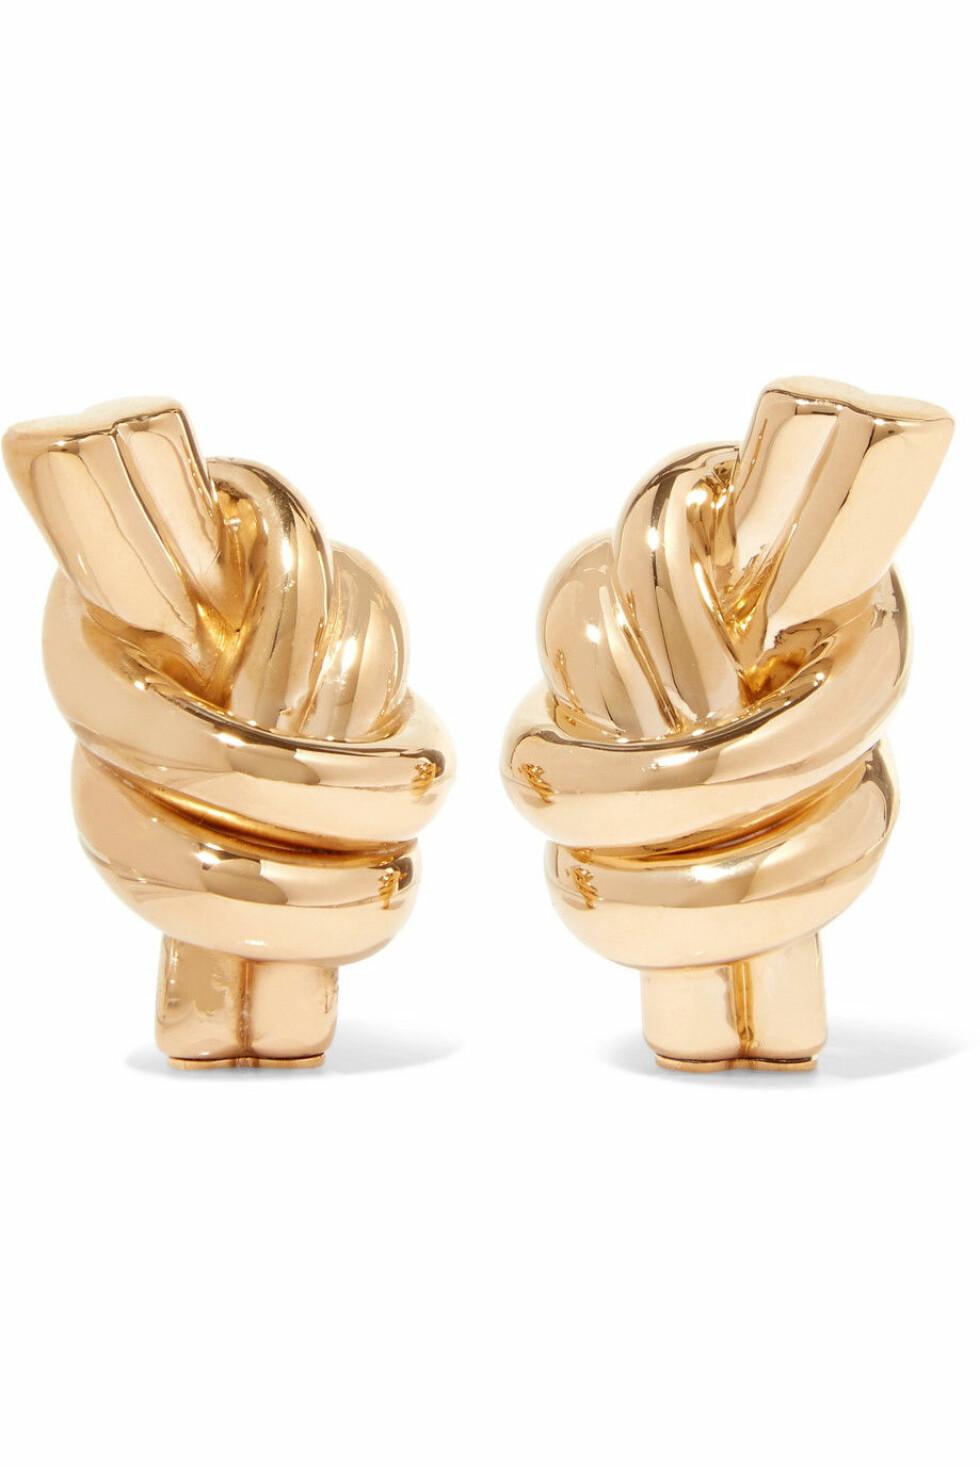 Øredobber fra JW Anderson |1700,-| https://www.net-a-porter.com/no/en/product/1069076/jw_anderson/gold-plated-earrings